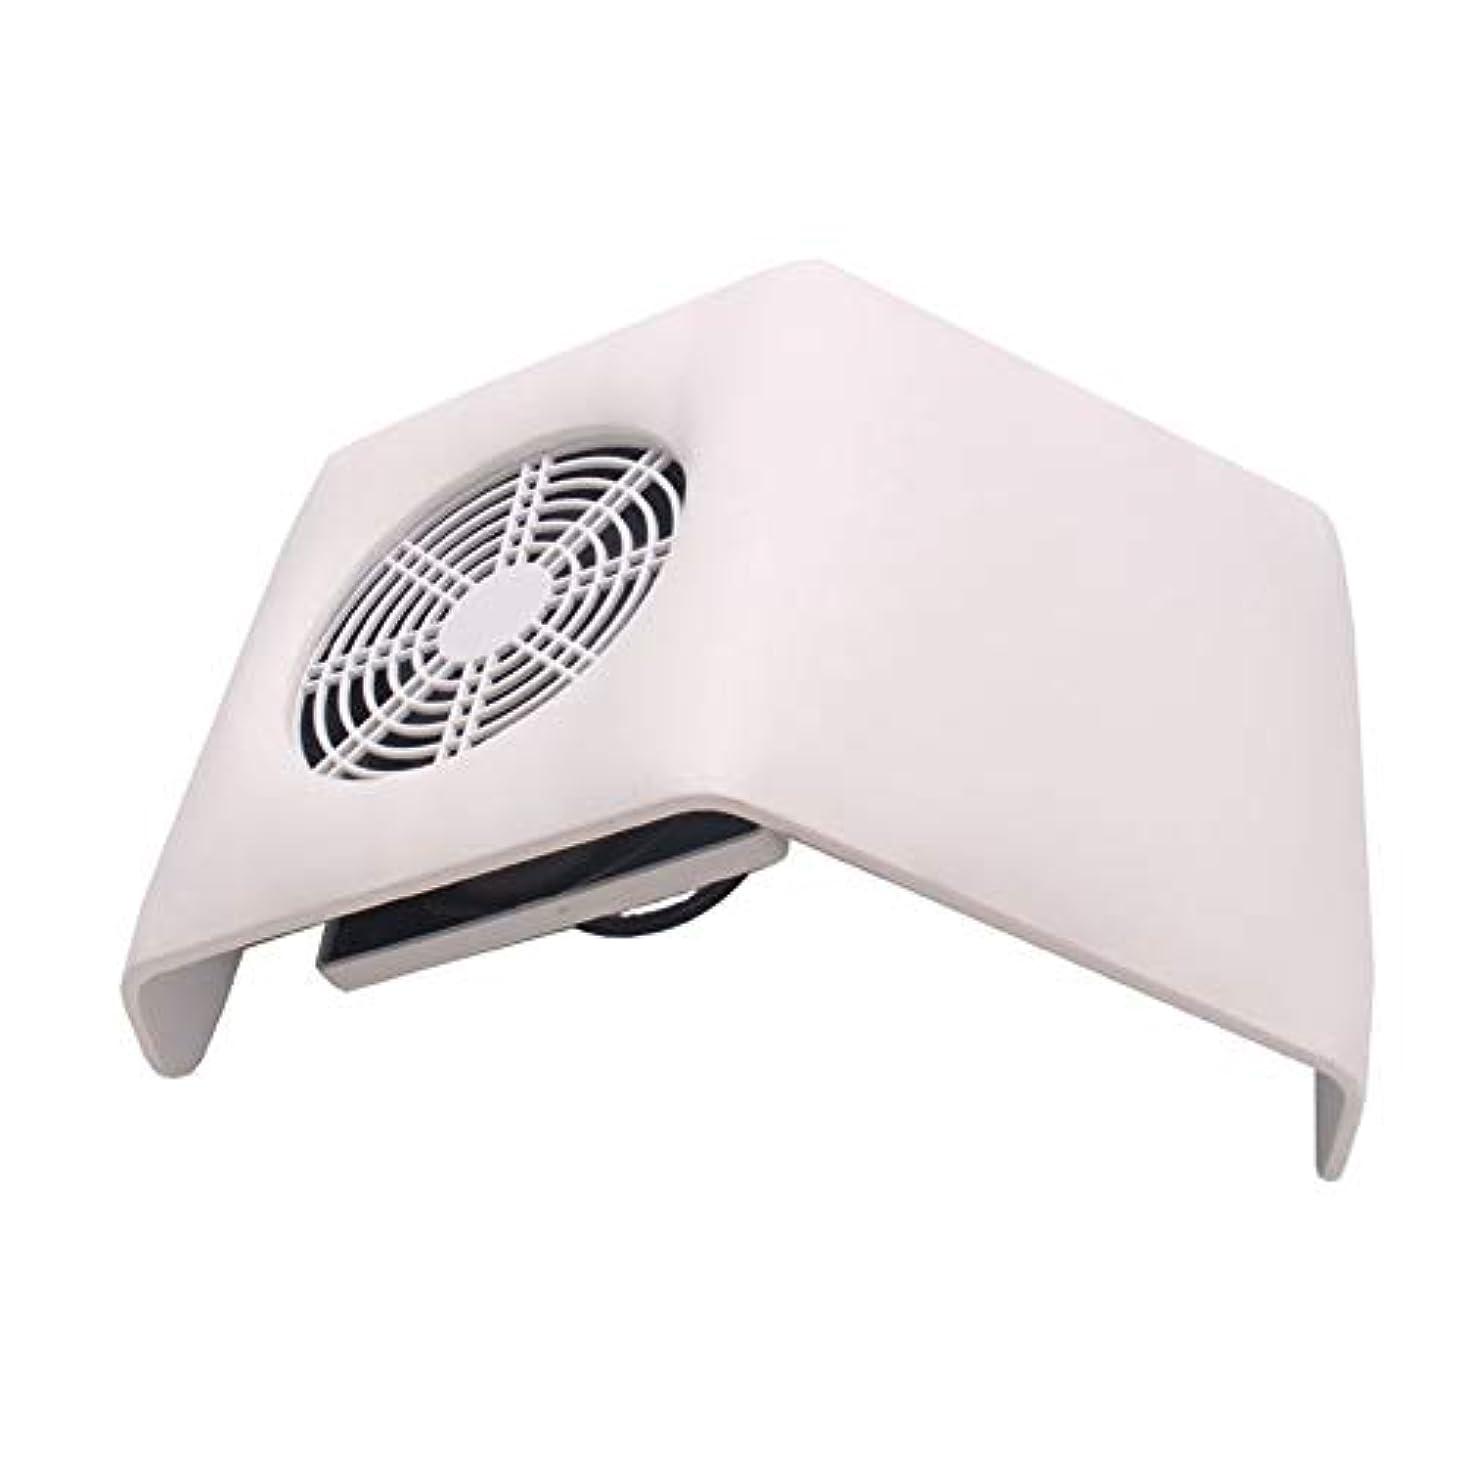 裏切り者どういたしましてかんがい集塵機吸引ファン、2つの集塵袋付きネイル掃除機バッグネイルアートマニキュアサロンツールの収集マニキュアの工作機械ダストネイル (Color : White)